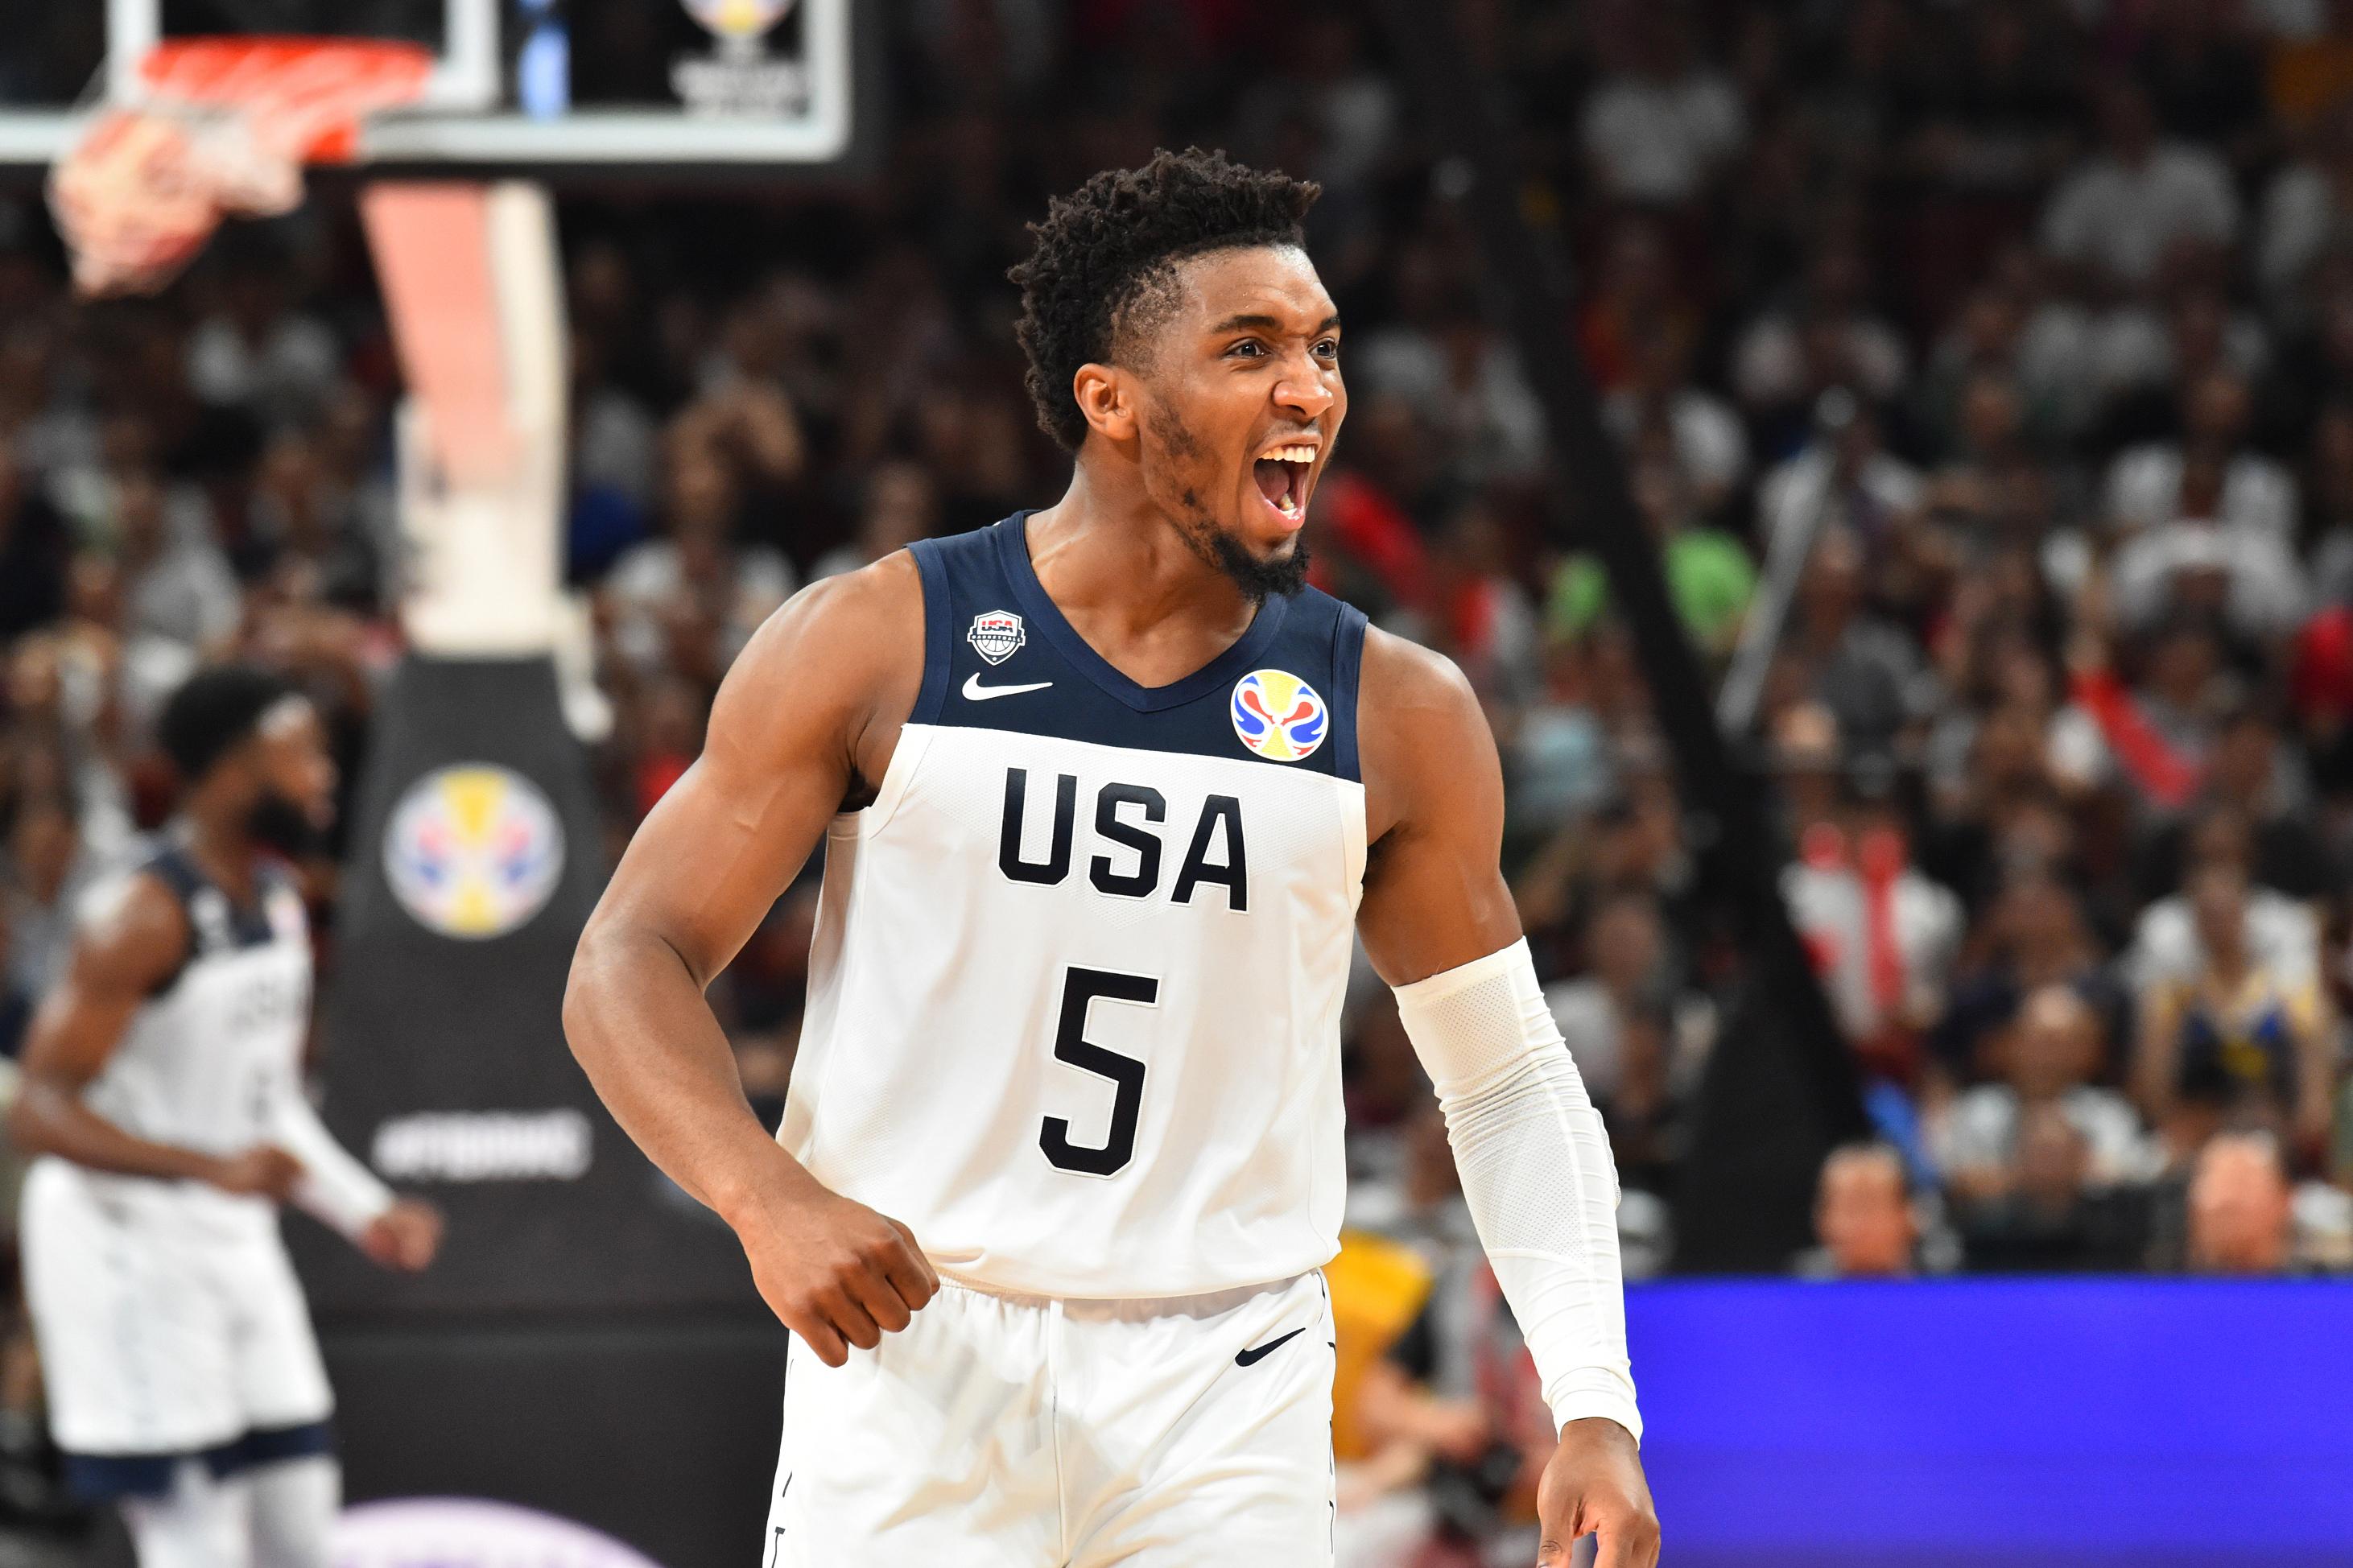 2019 FIBA Basketball World Cup - Greece v USA